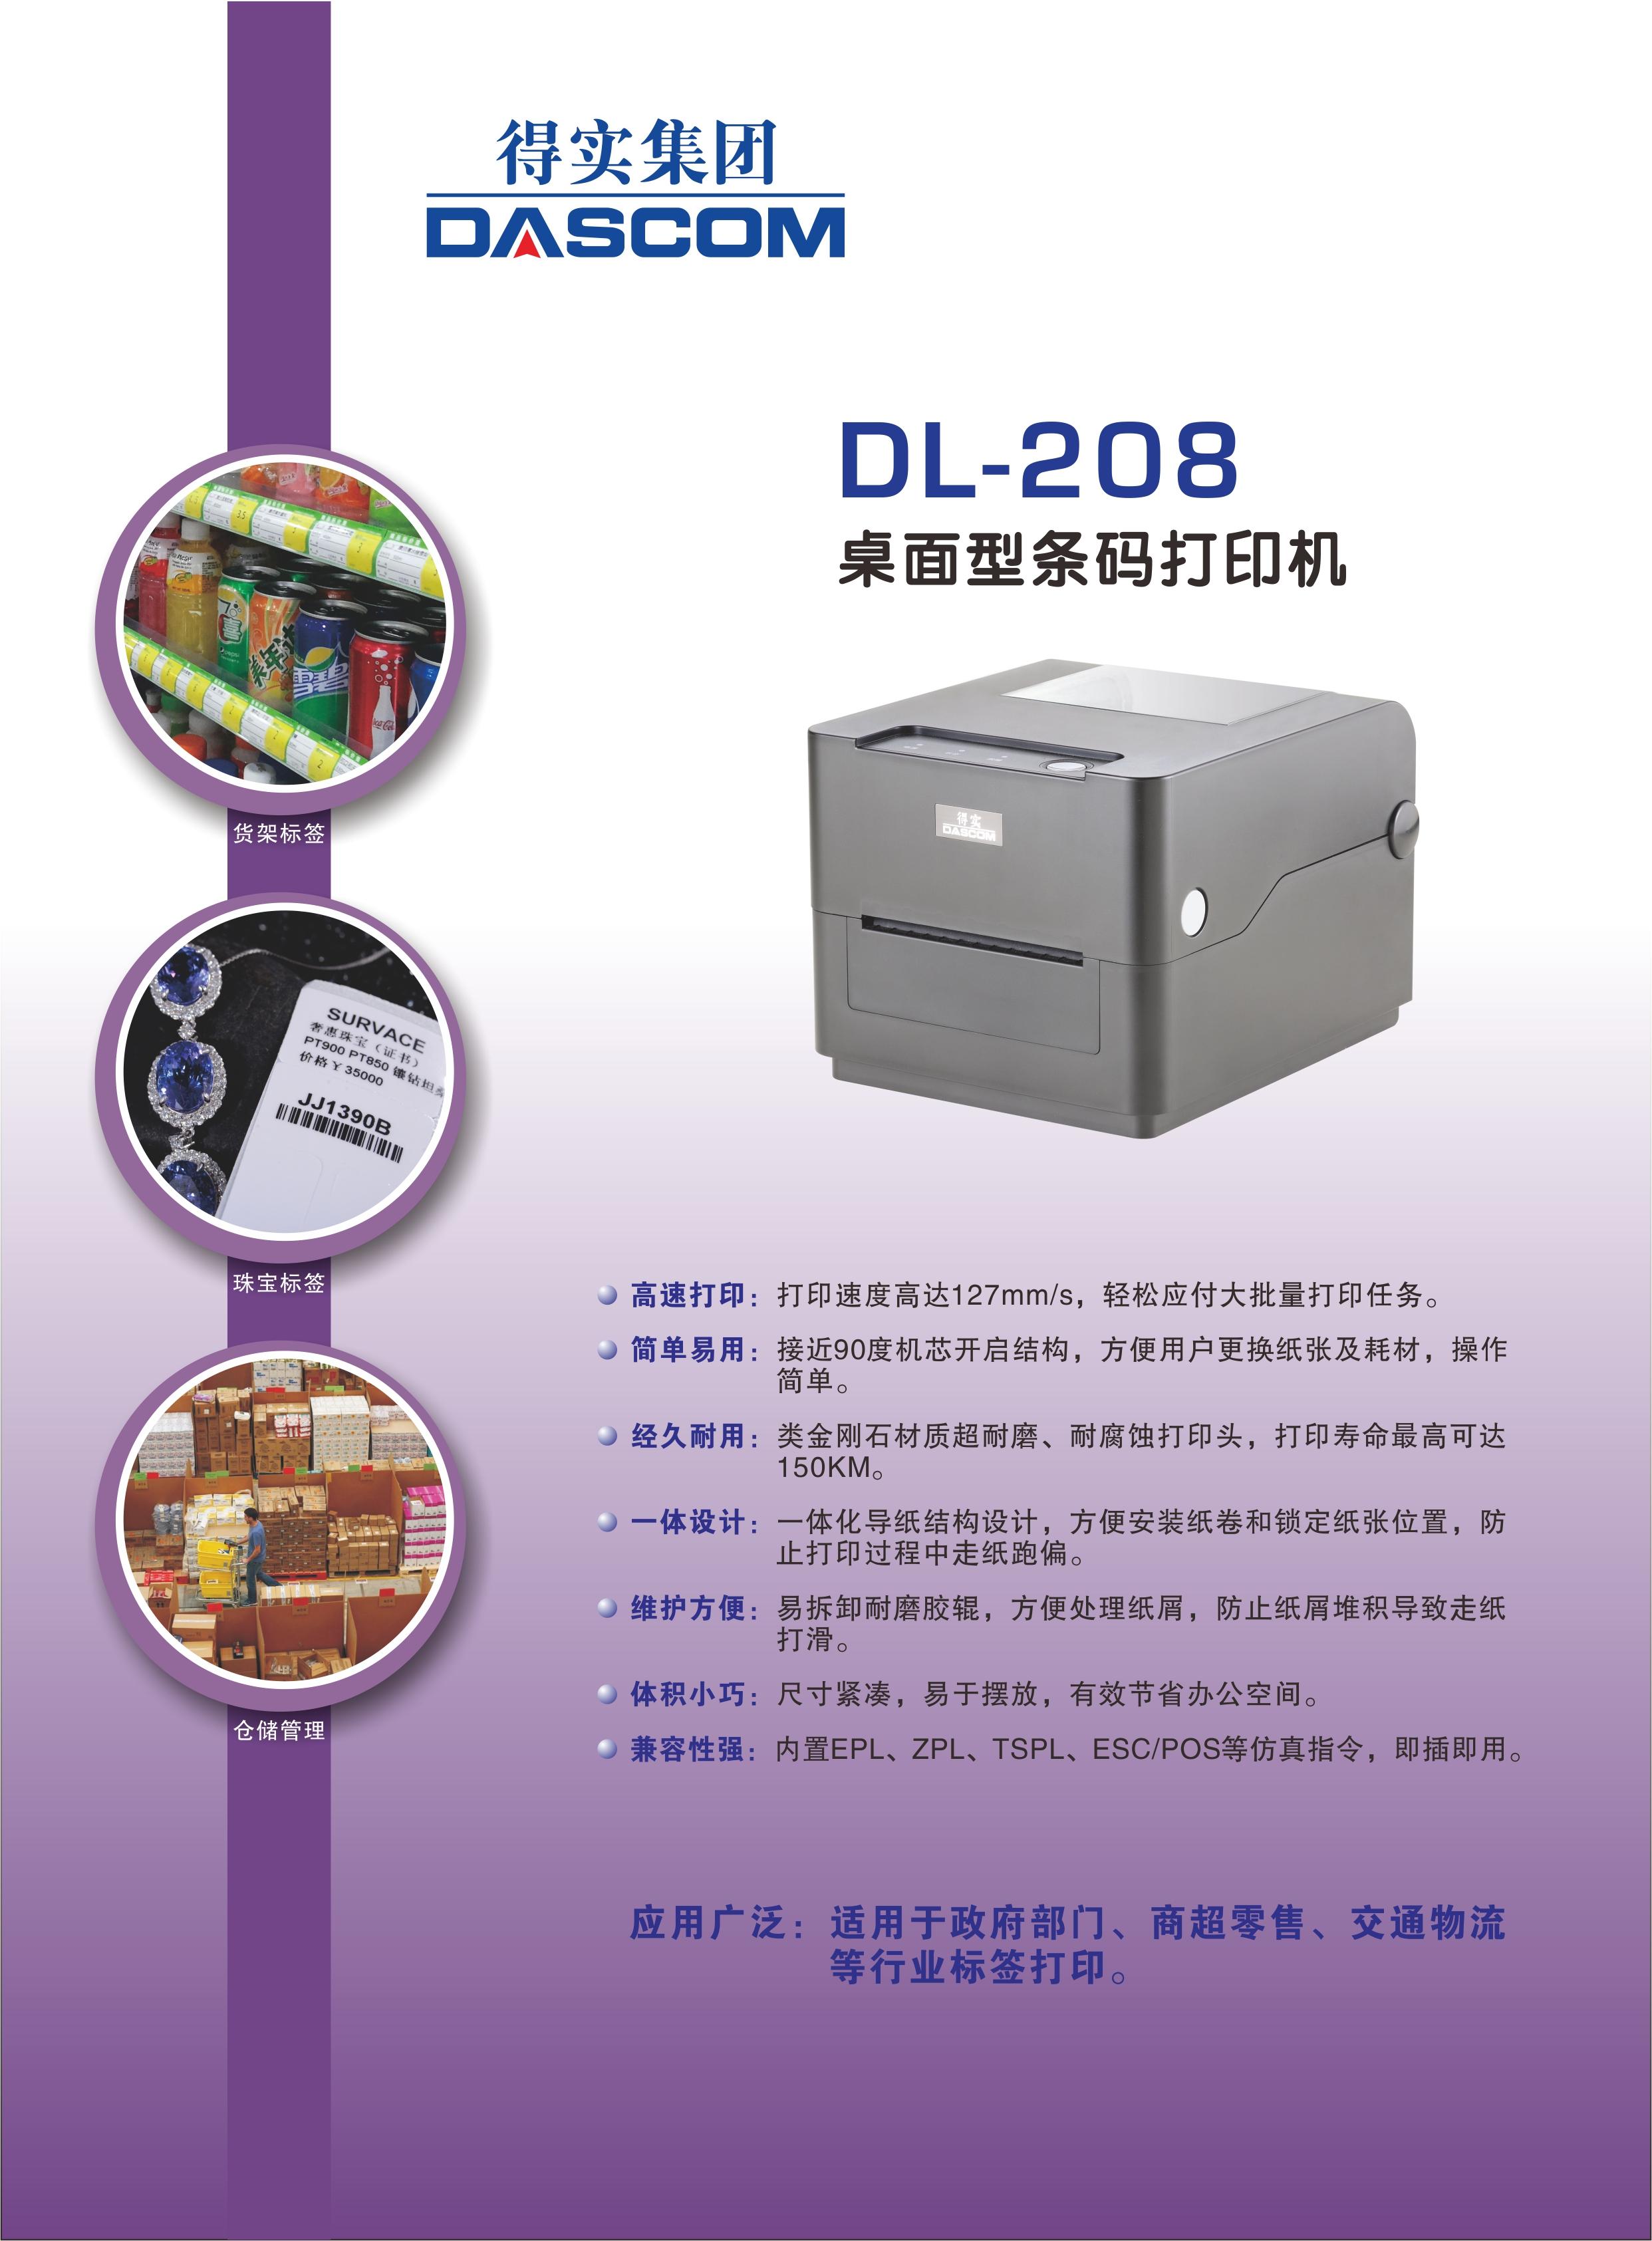 得实万博体育投注DL-208.jpg